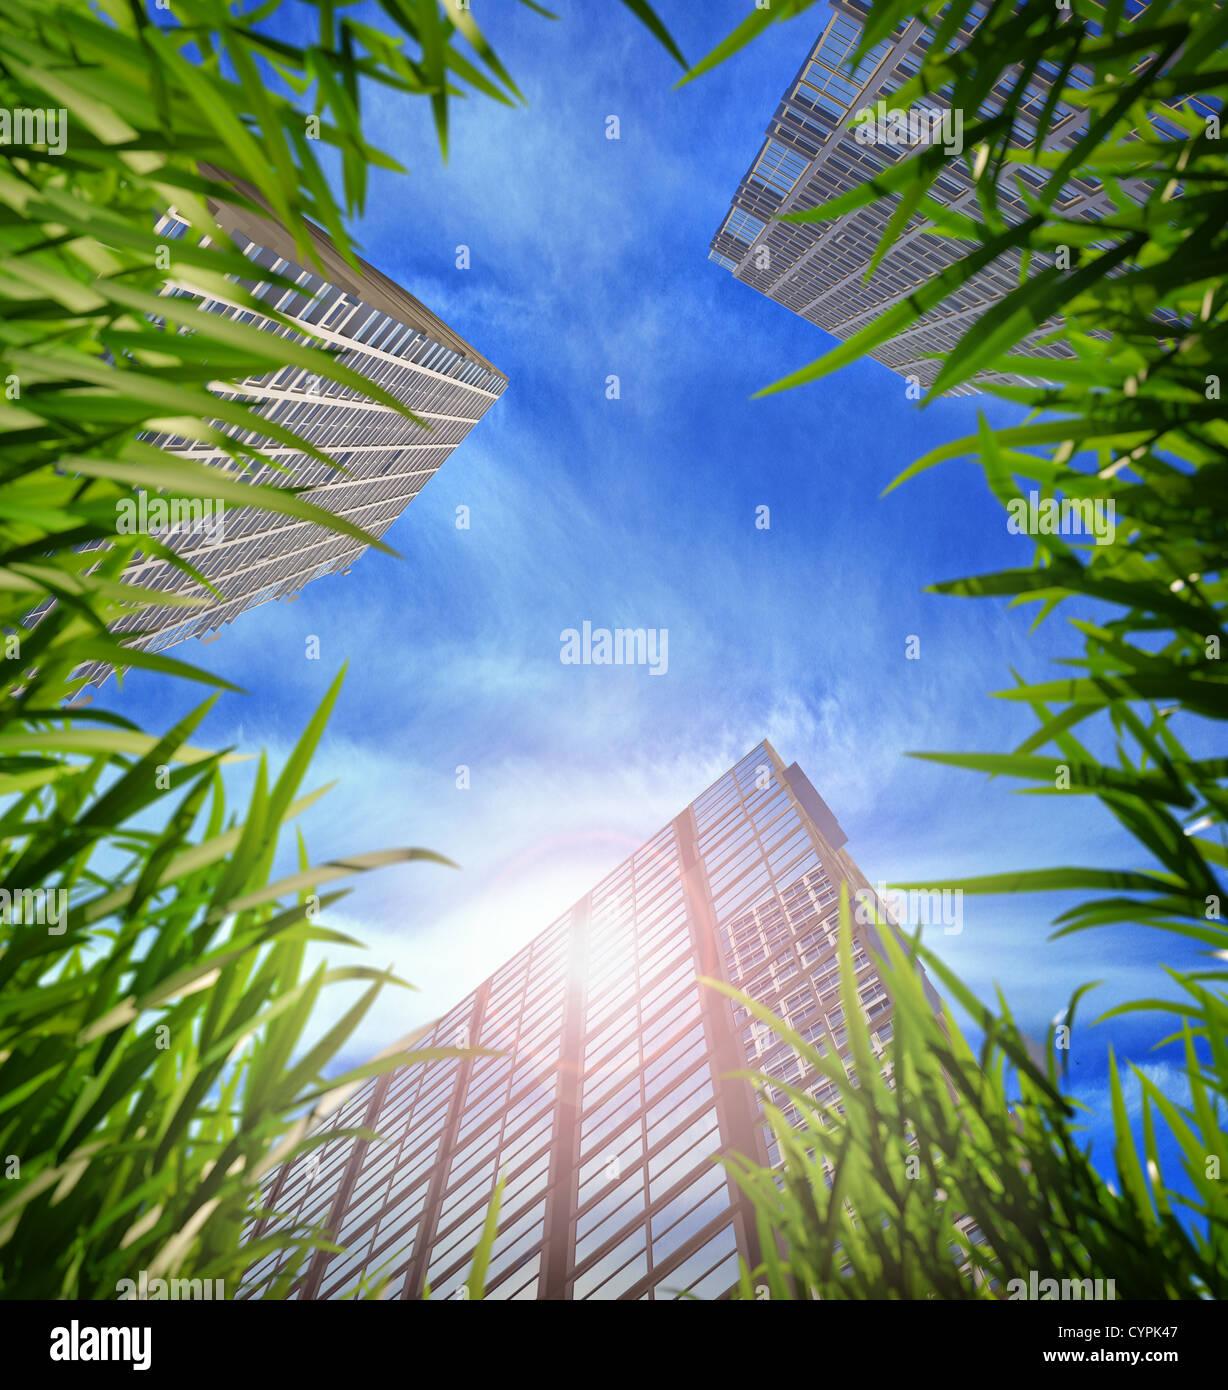 La pasto verde y los rascacielos, tendiendo al cielo en el fondo. DOF superficial Imagen De Stock